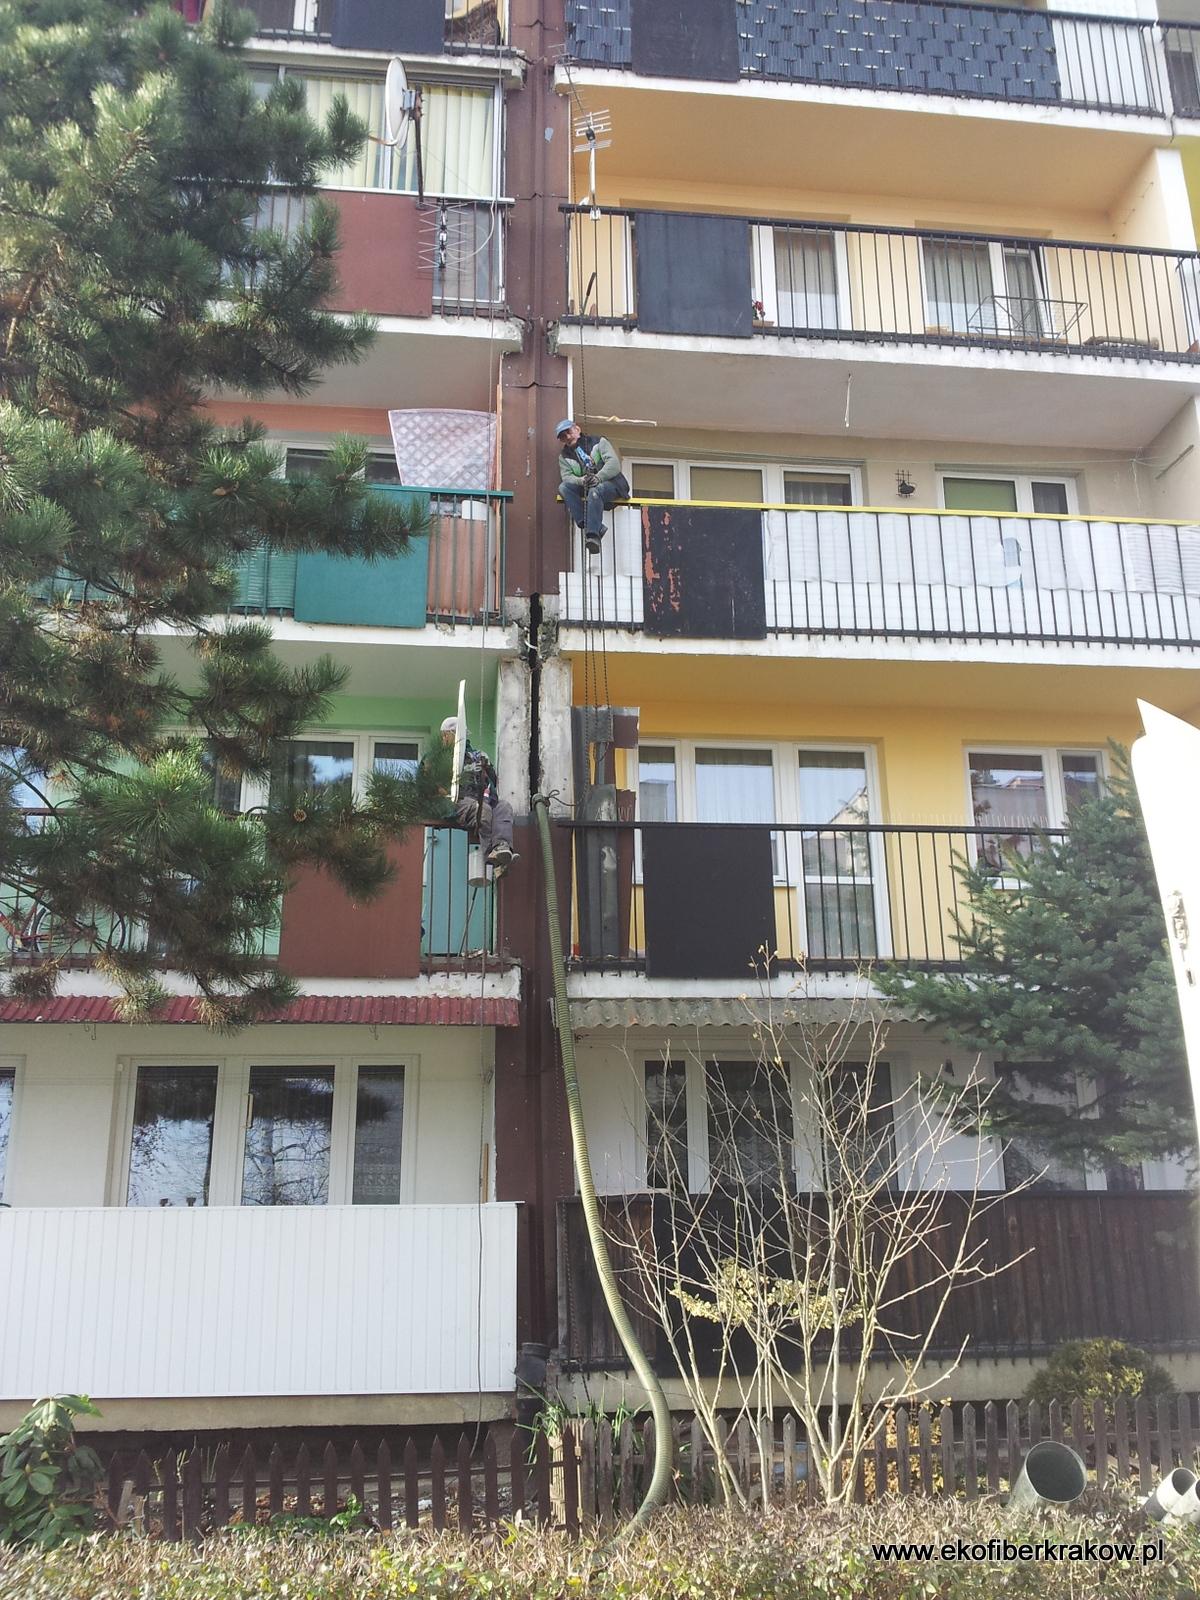 Dylatacja budynku docieplana granulatem Ekofiber